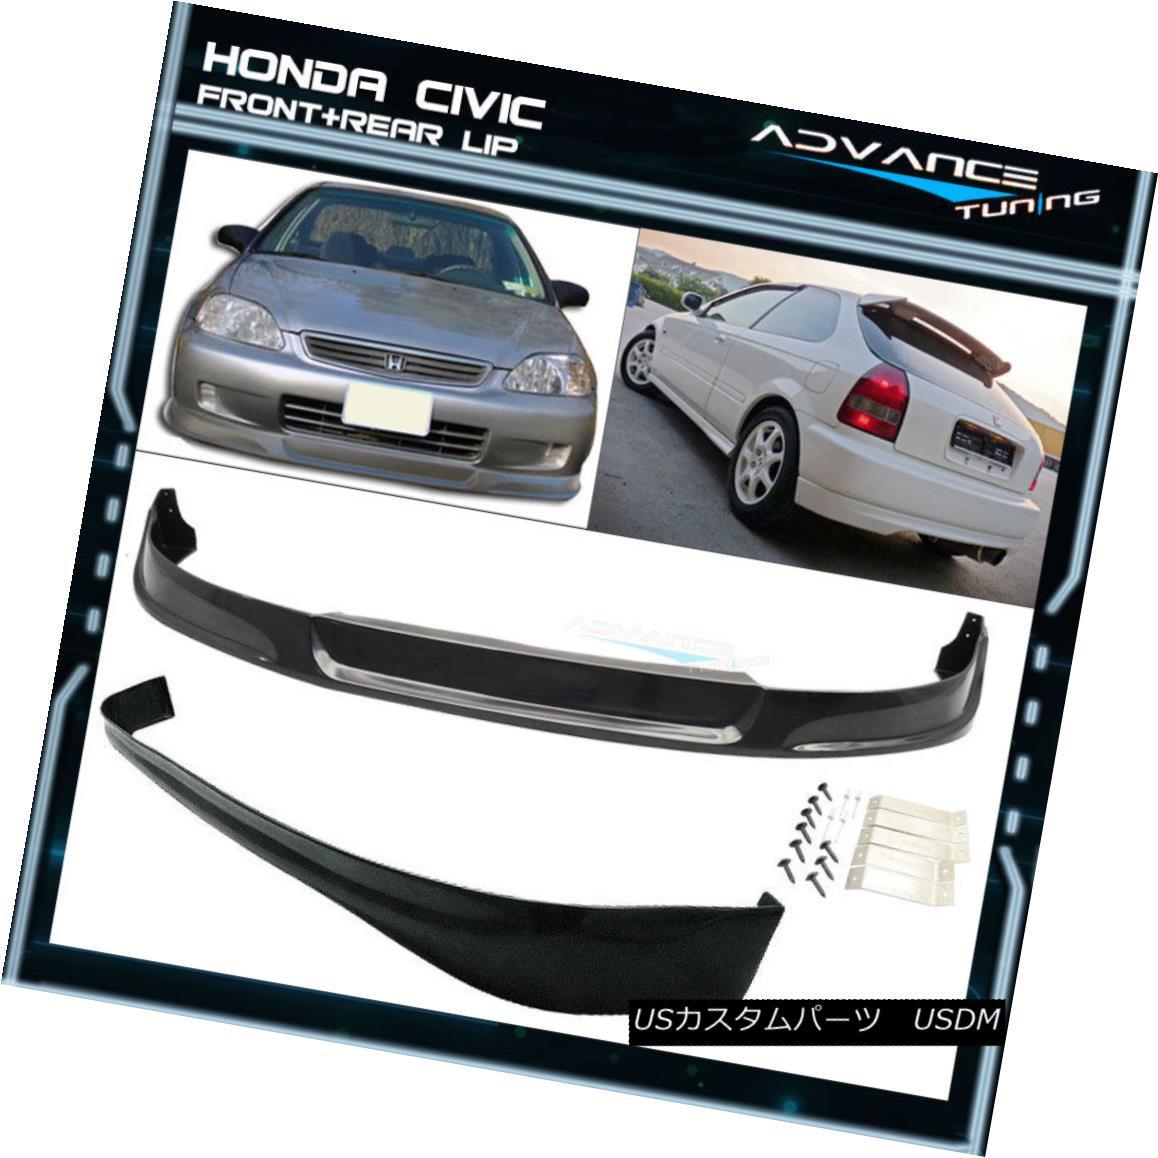 エアロパーツ For 99-00 Honda Civic EK 3Dr Concept Sport Front + Rear Bumper Lip Spoiler PU 99-00ホンダシビックEK 3Drコンセプトスポーツフロント+リアバンパーリップスポイラーPU